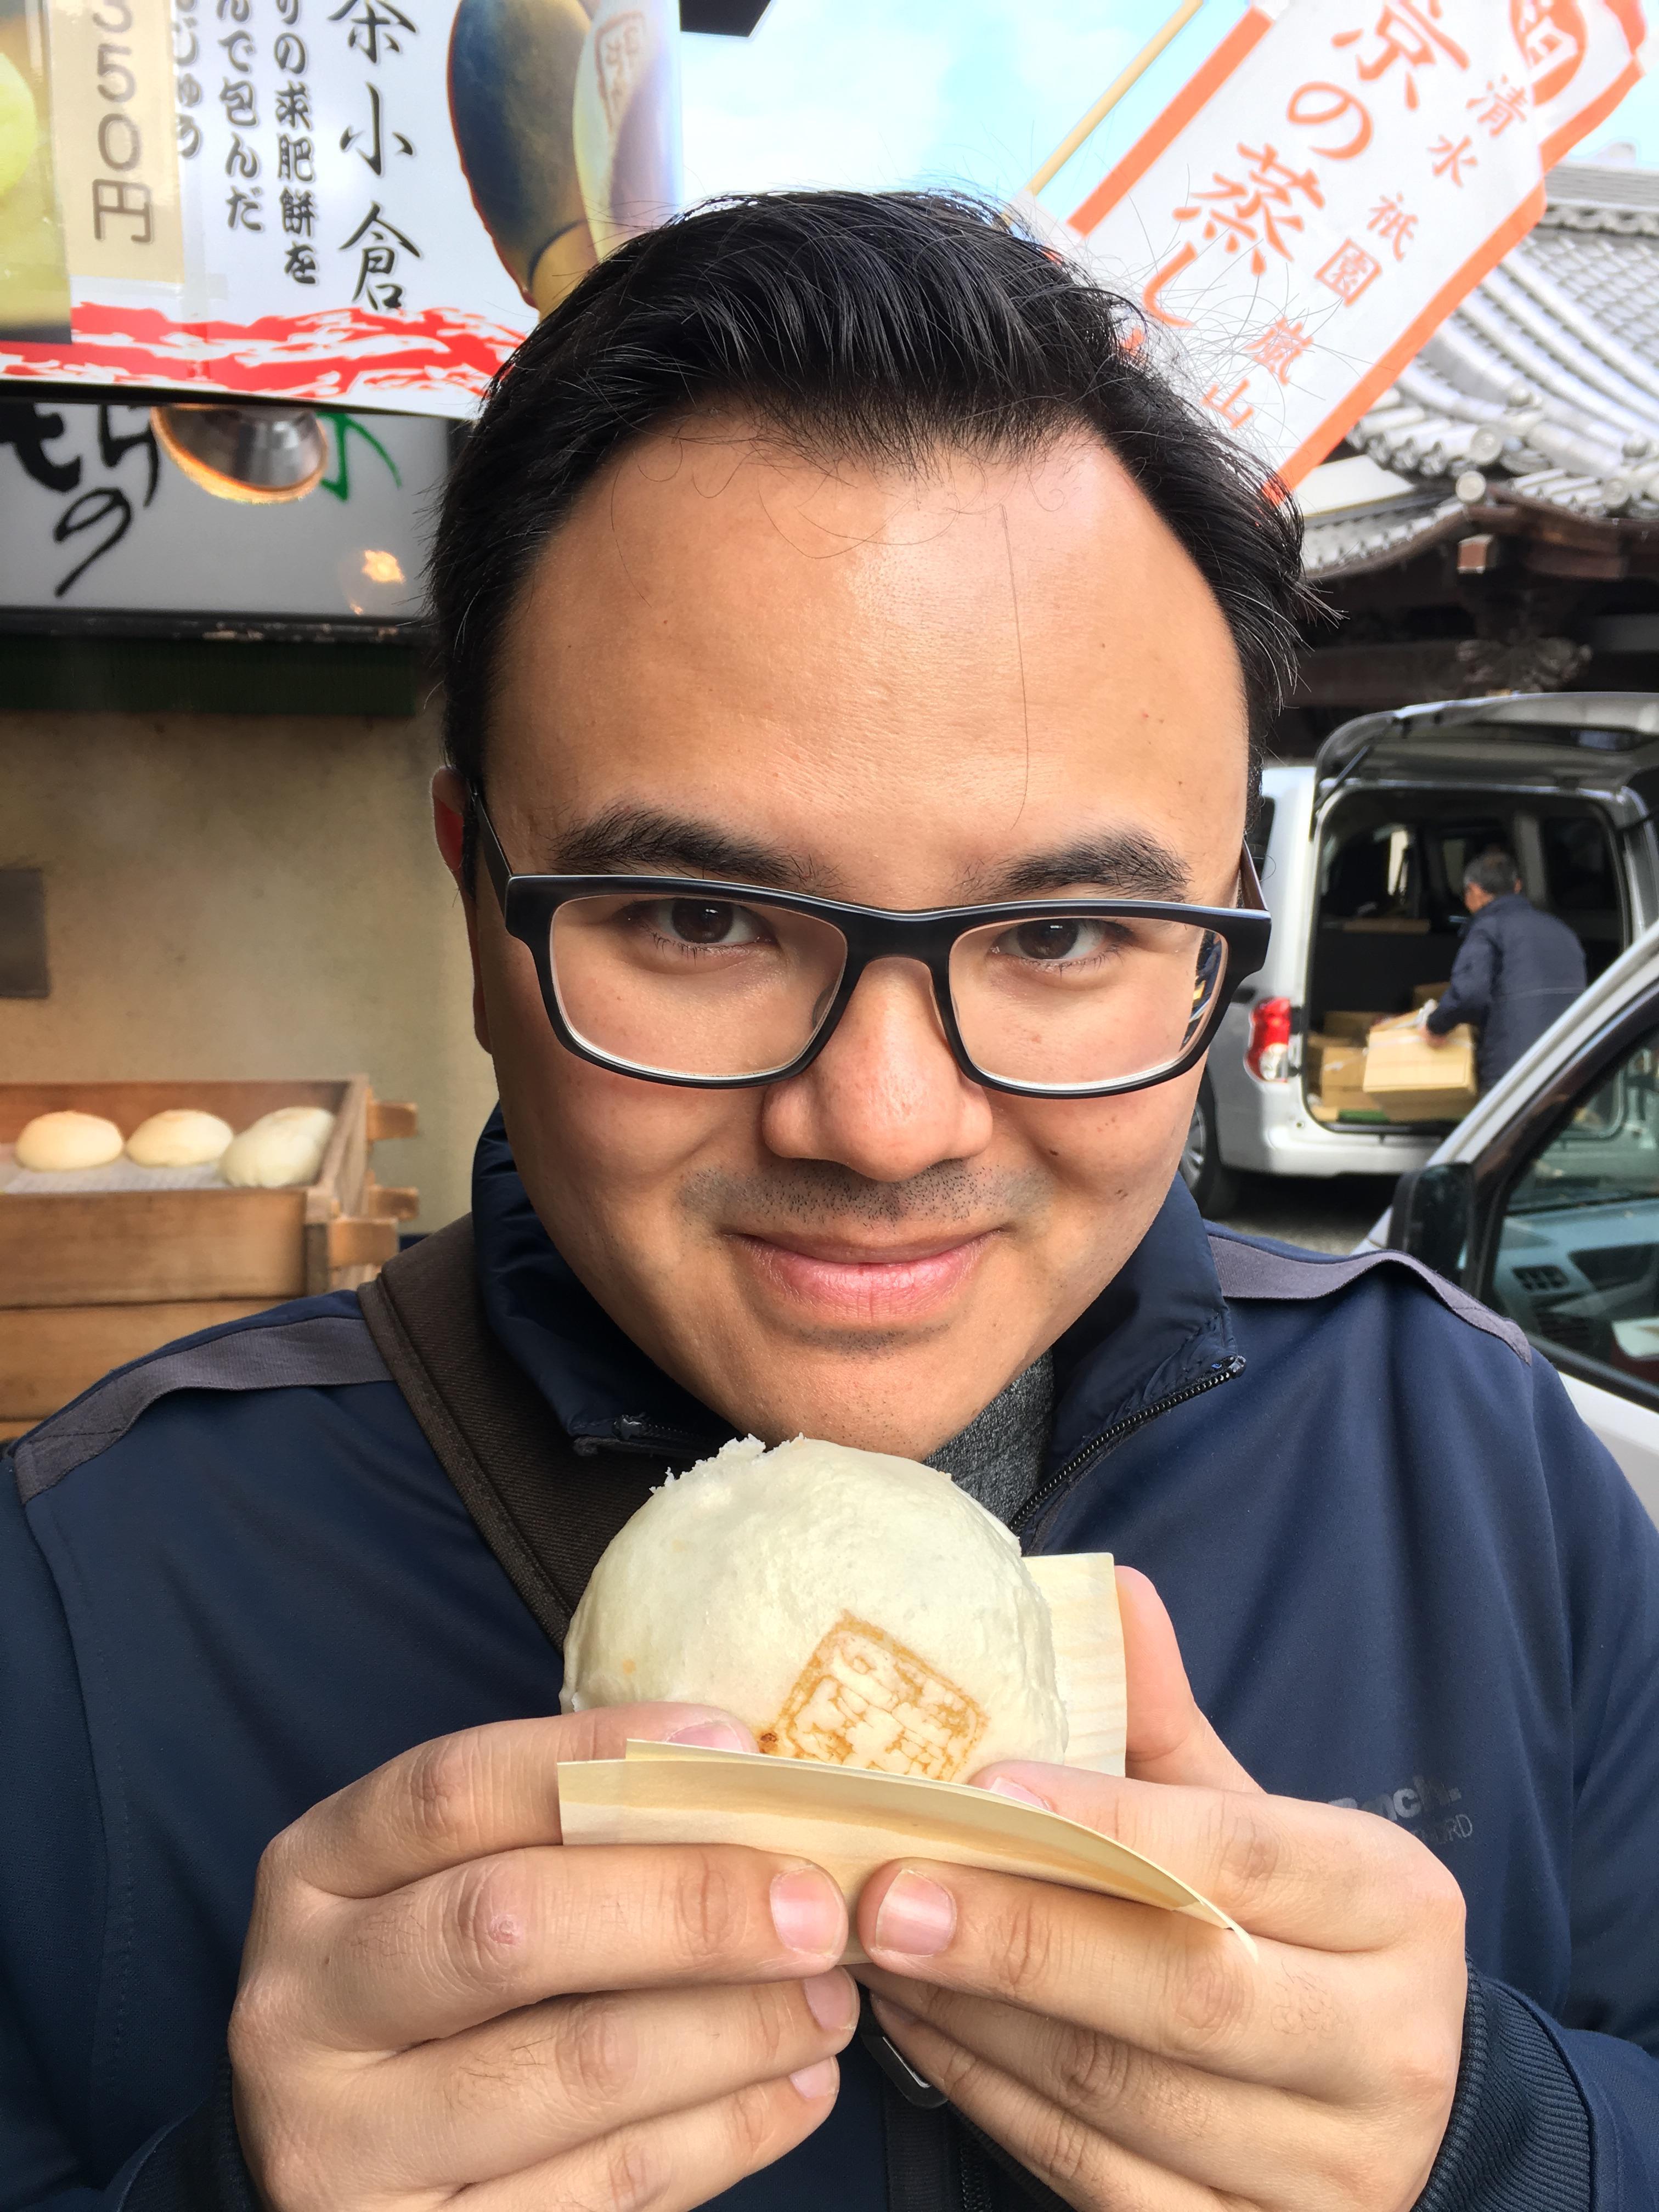 Sage holding a pork bun in Kyoto